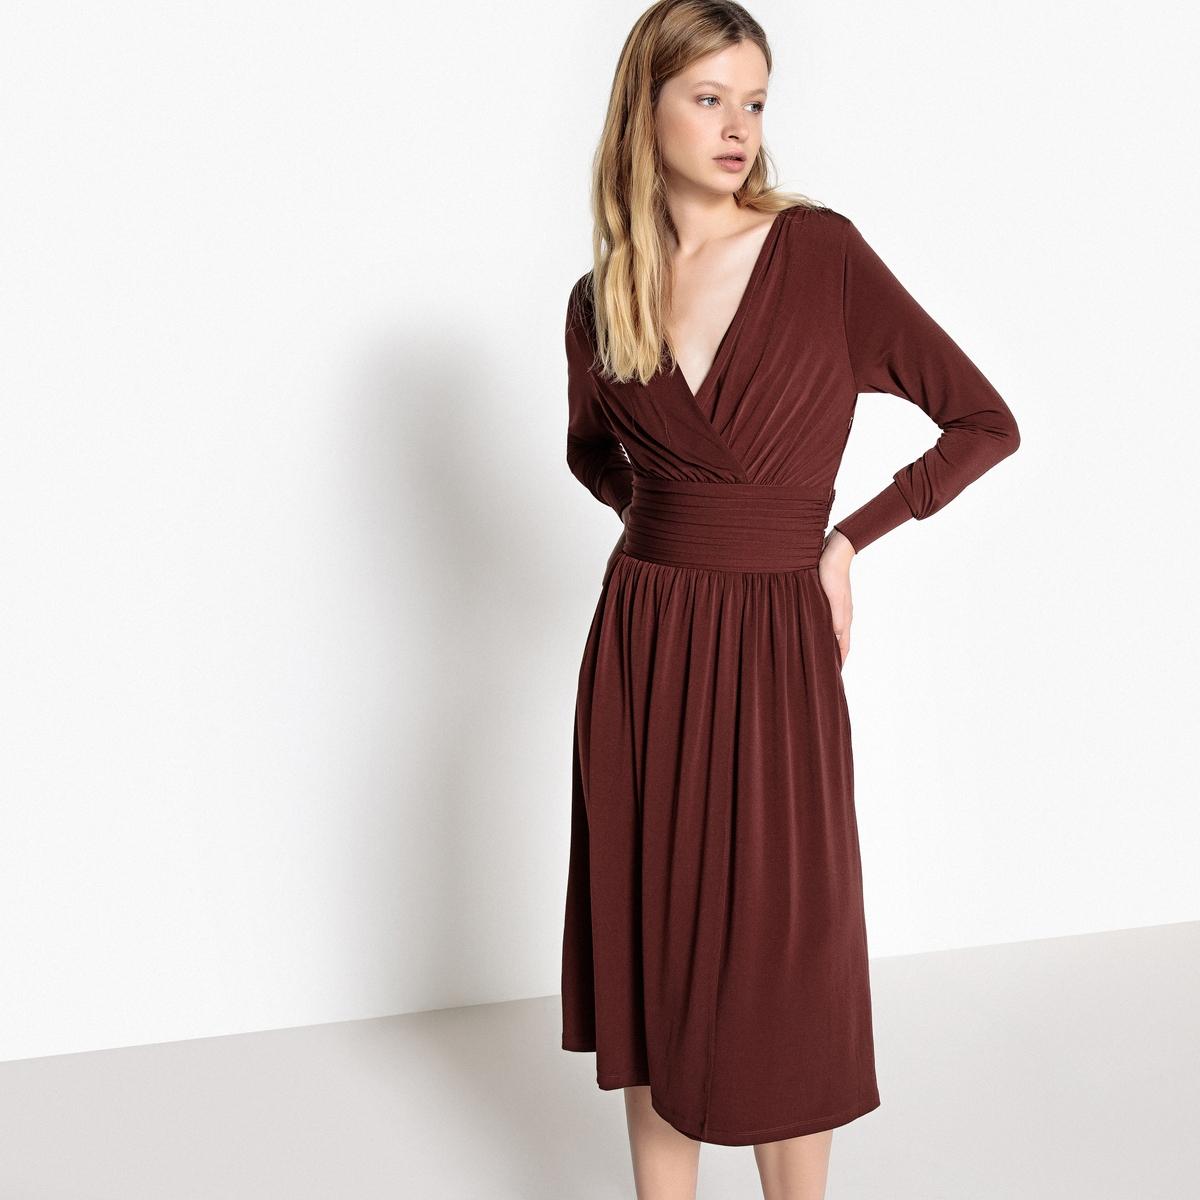 Платье-миди La Redoute В форме каш-кер пояс со складками застежка на молнию сбоку S каштановый пижама каш кер